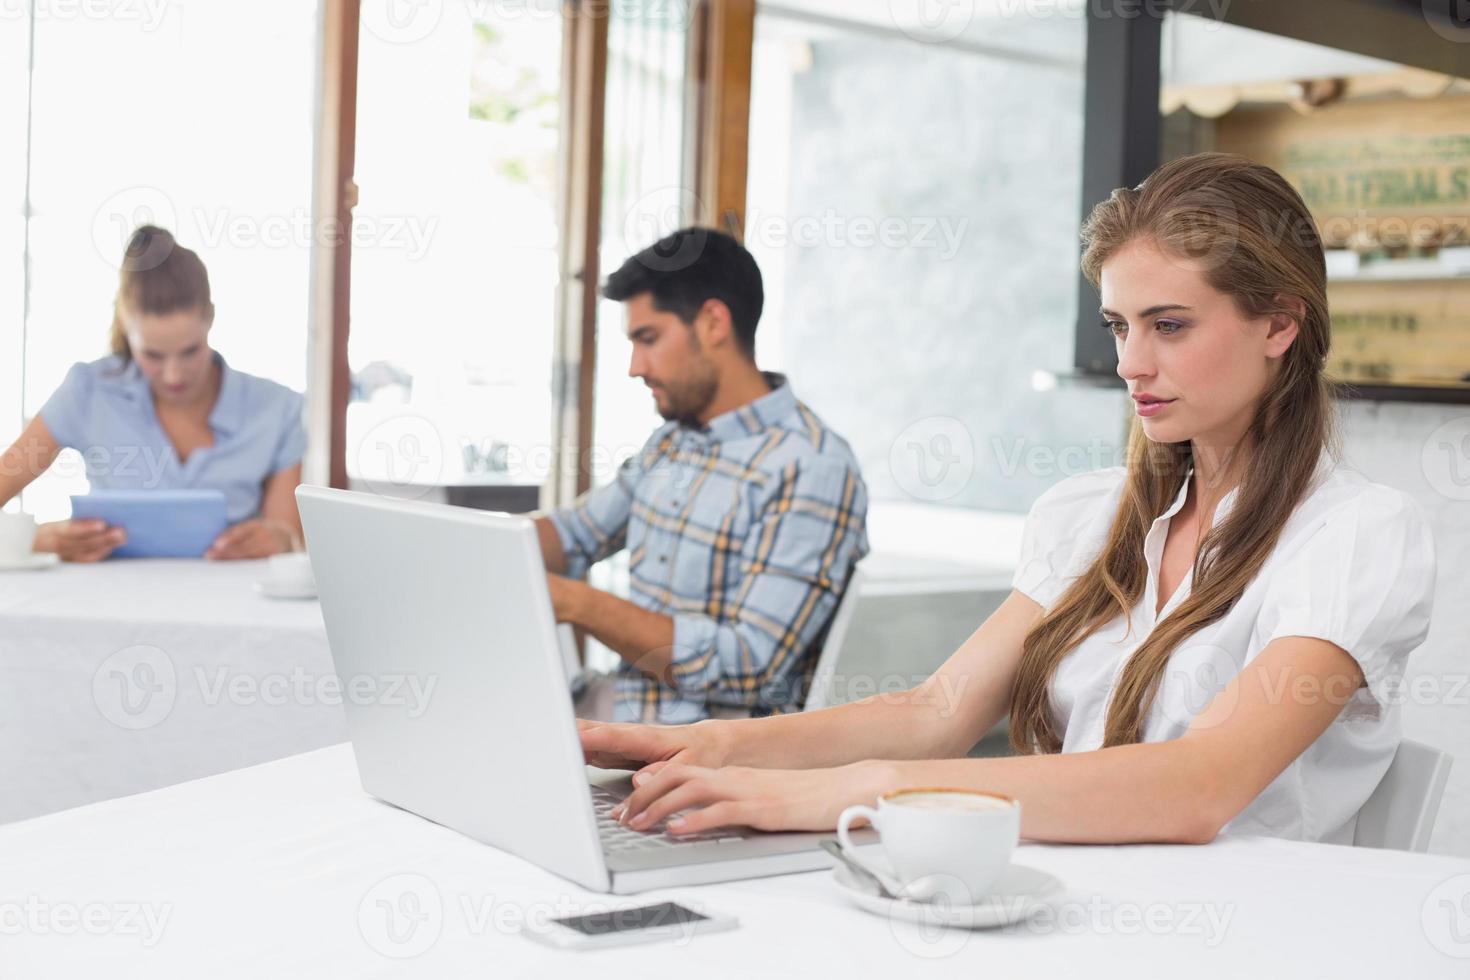 geconcentreerde vrouw met laptop in de coffeeshop foto